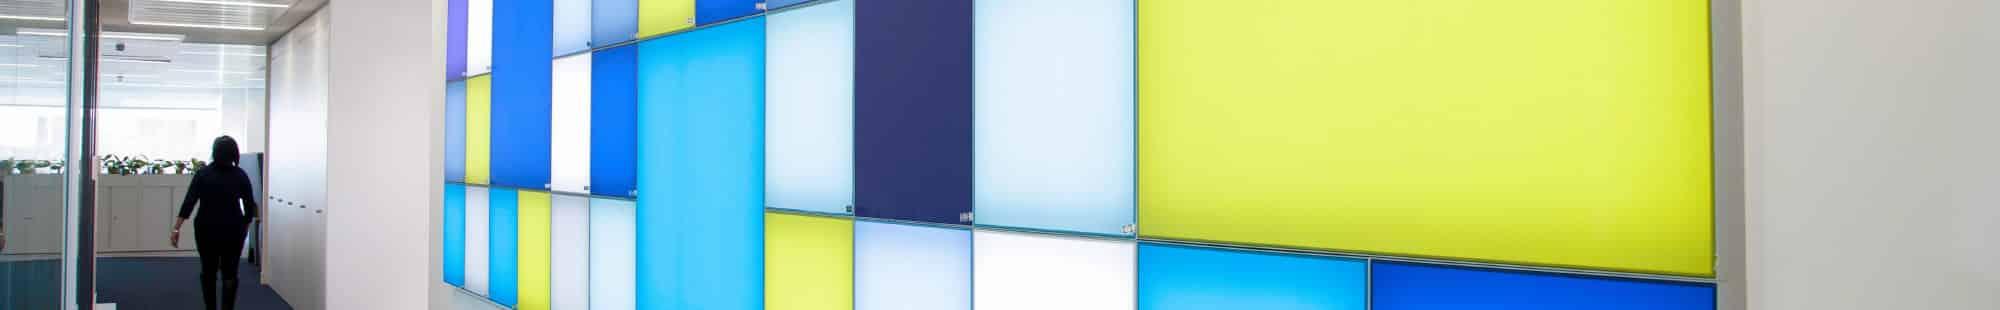 bespoke commercial lighting solutions